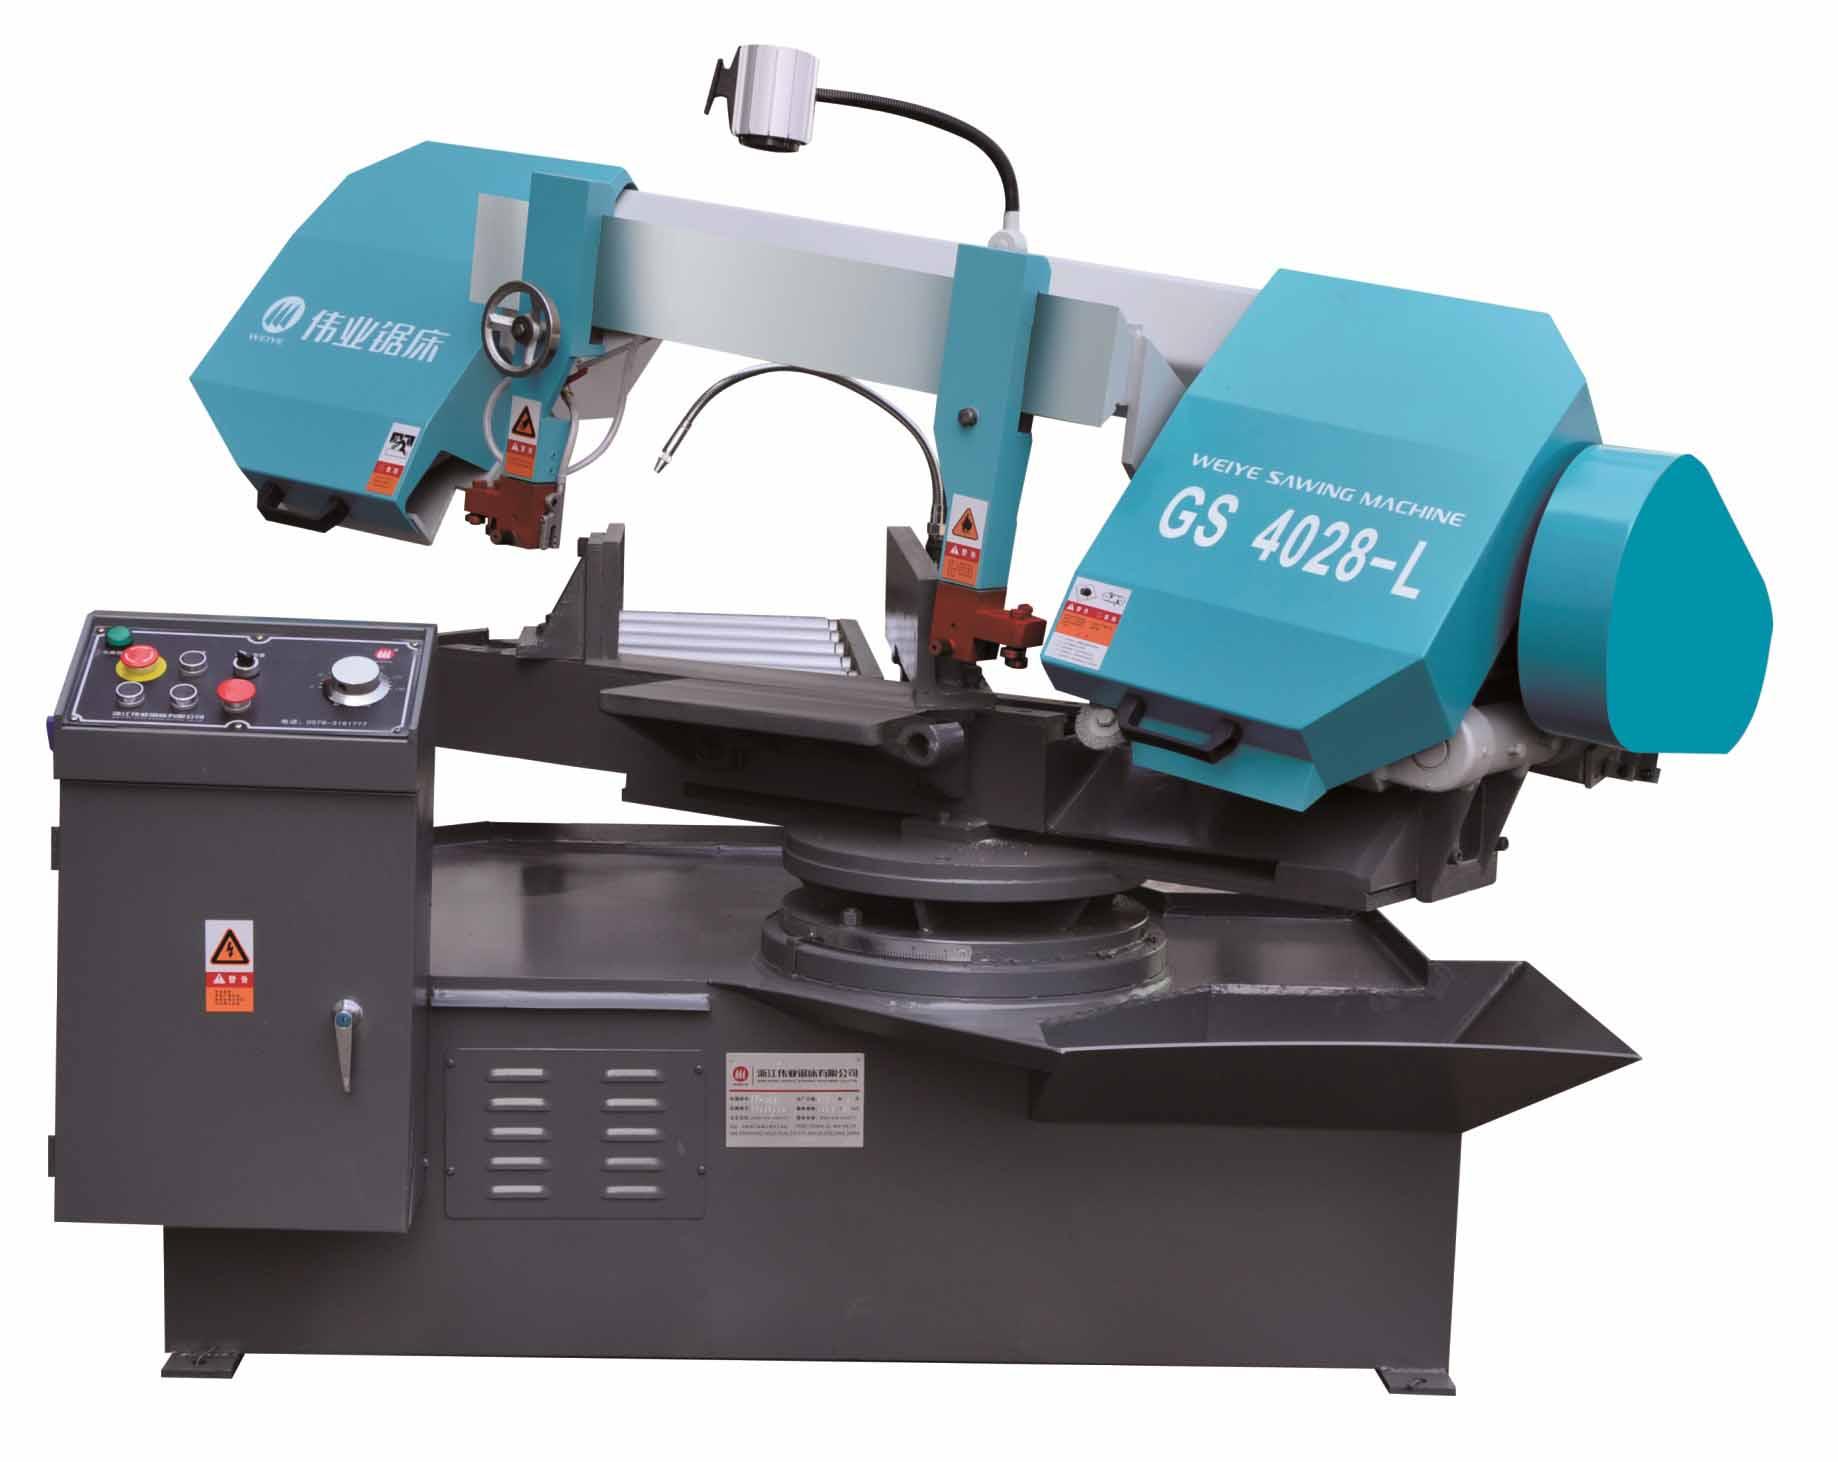 GS4028-L